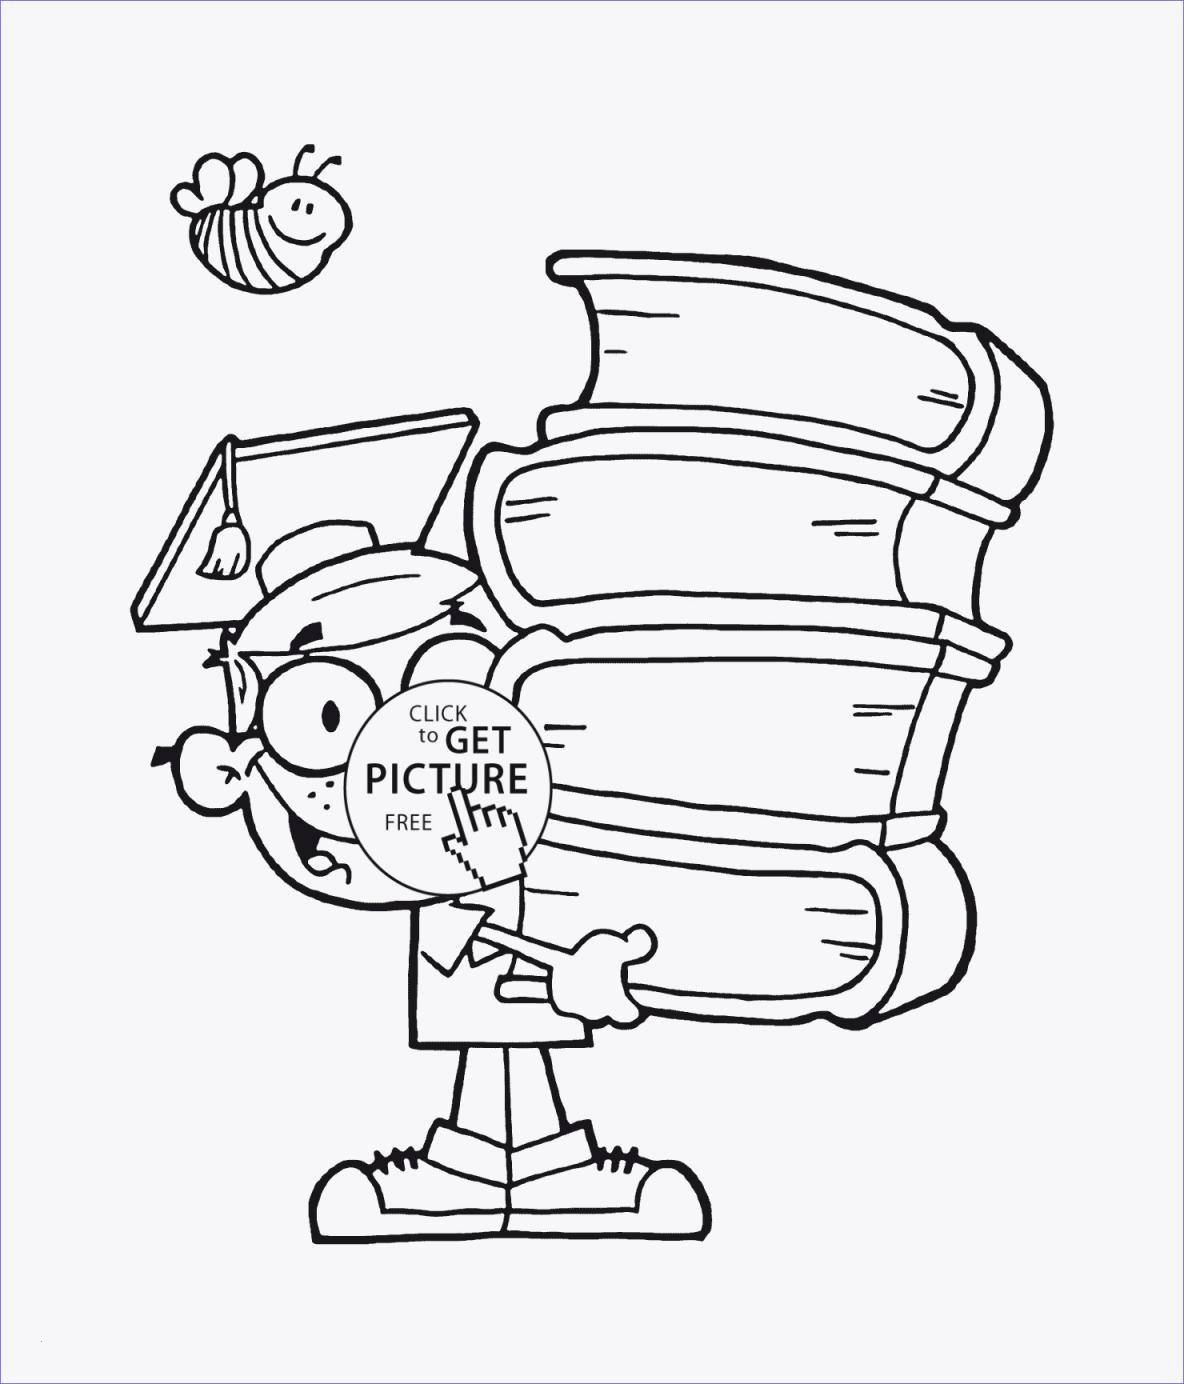 Winni Pooh Ausmalbilder Genial Malvorlagen Igel Frisch Igel Grundschule 0d Archives Uploadertalk Das Bild